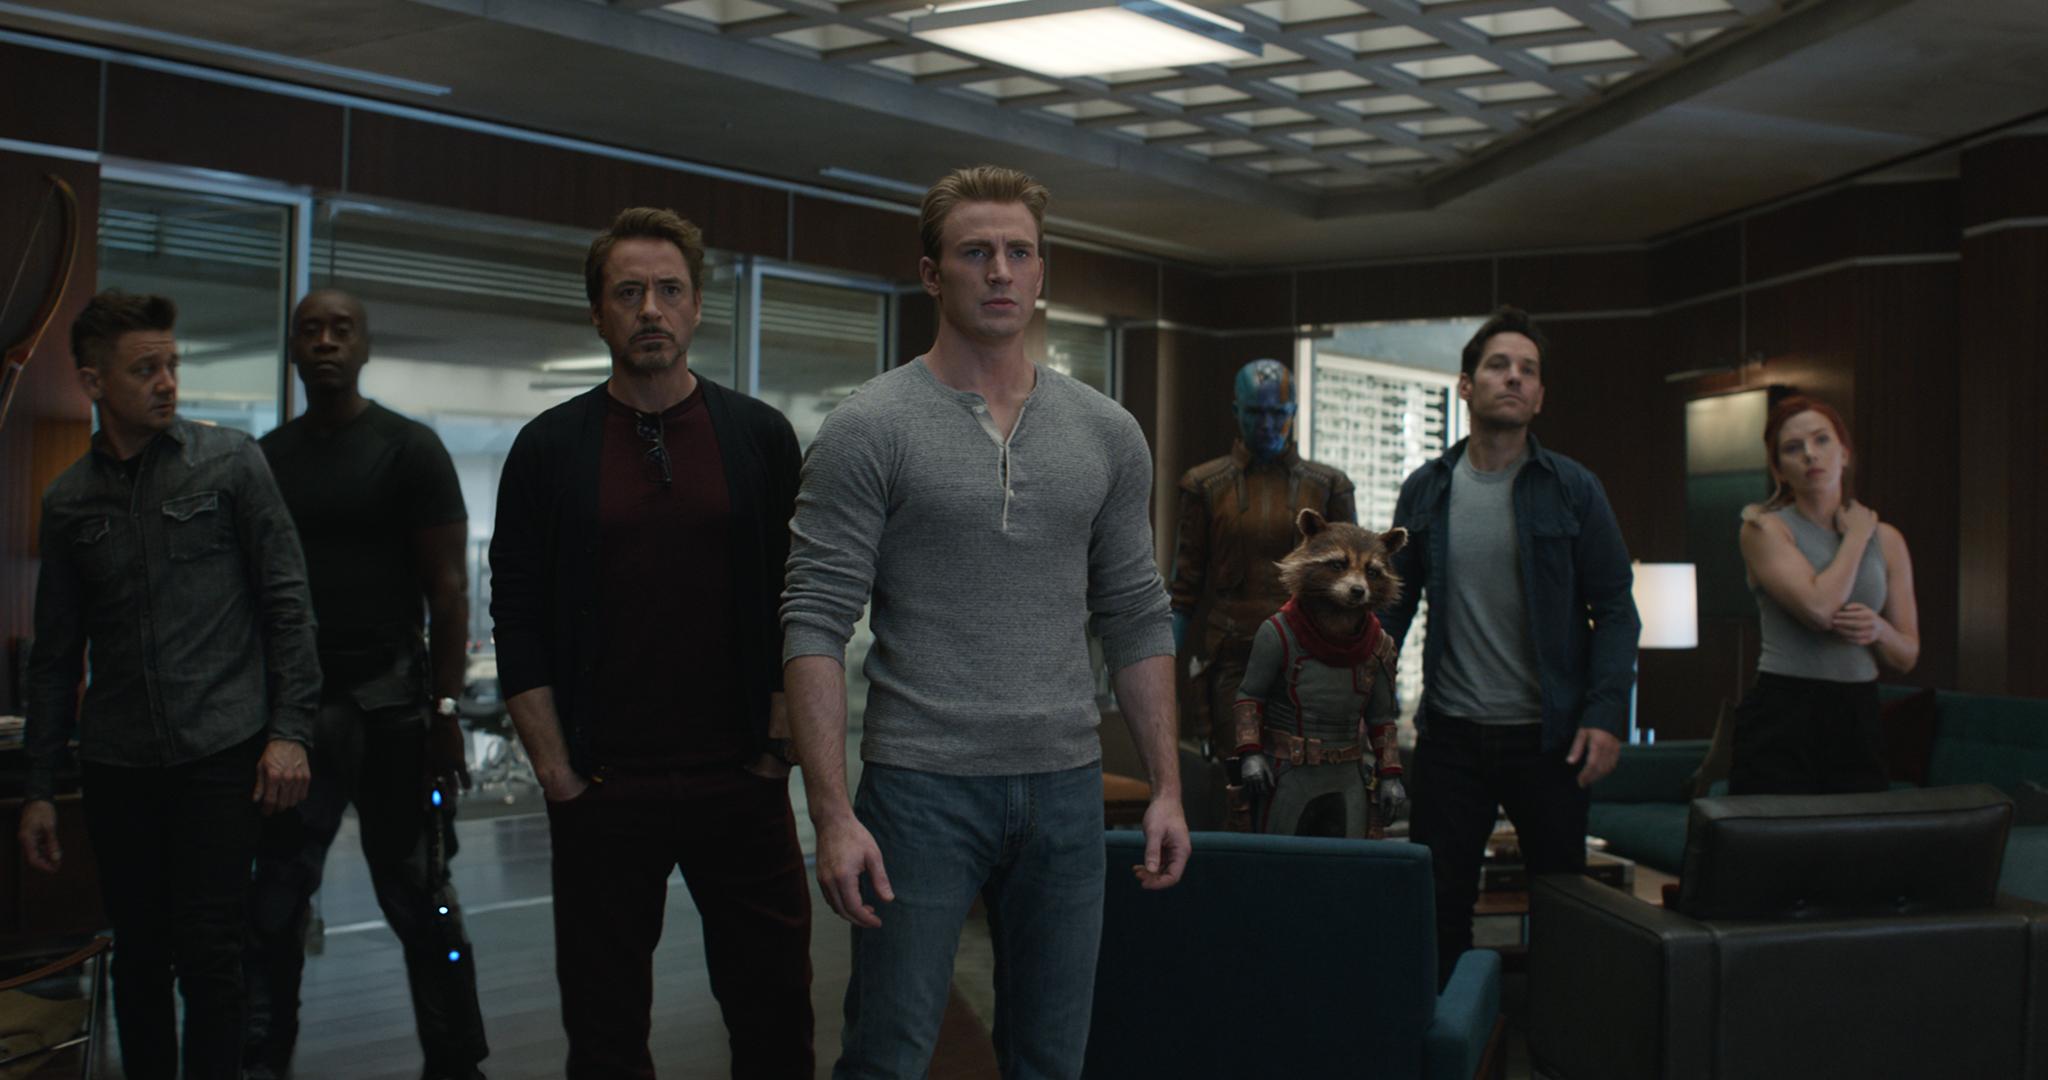 Avengers: Endgame Box Office Lower Than Expected